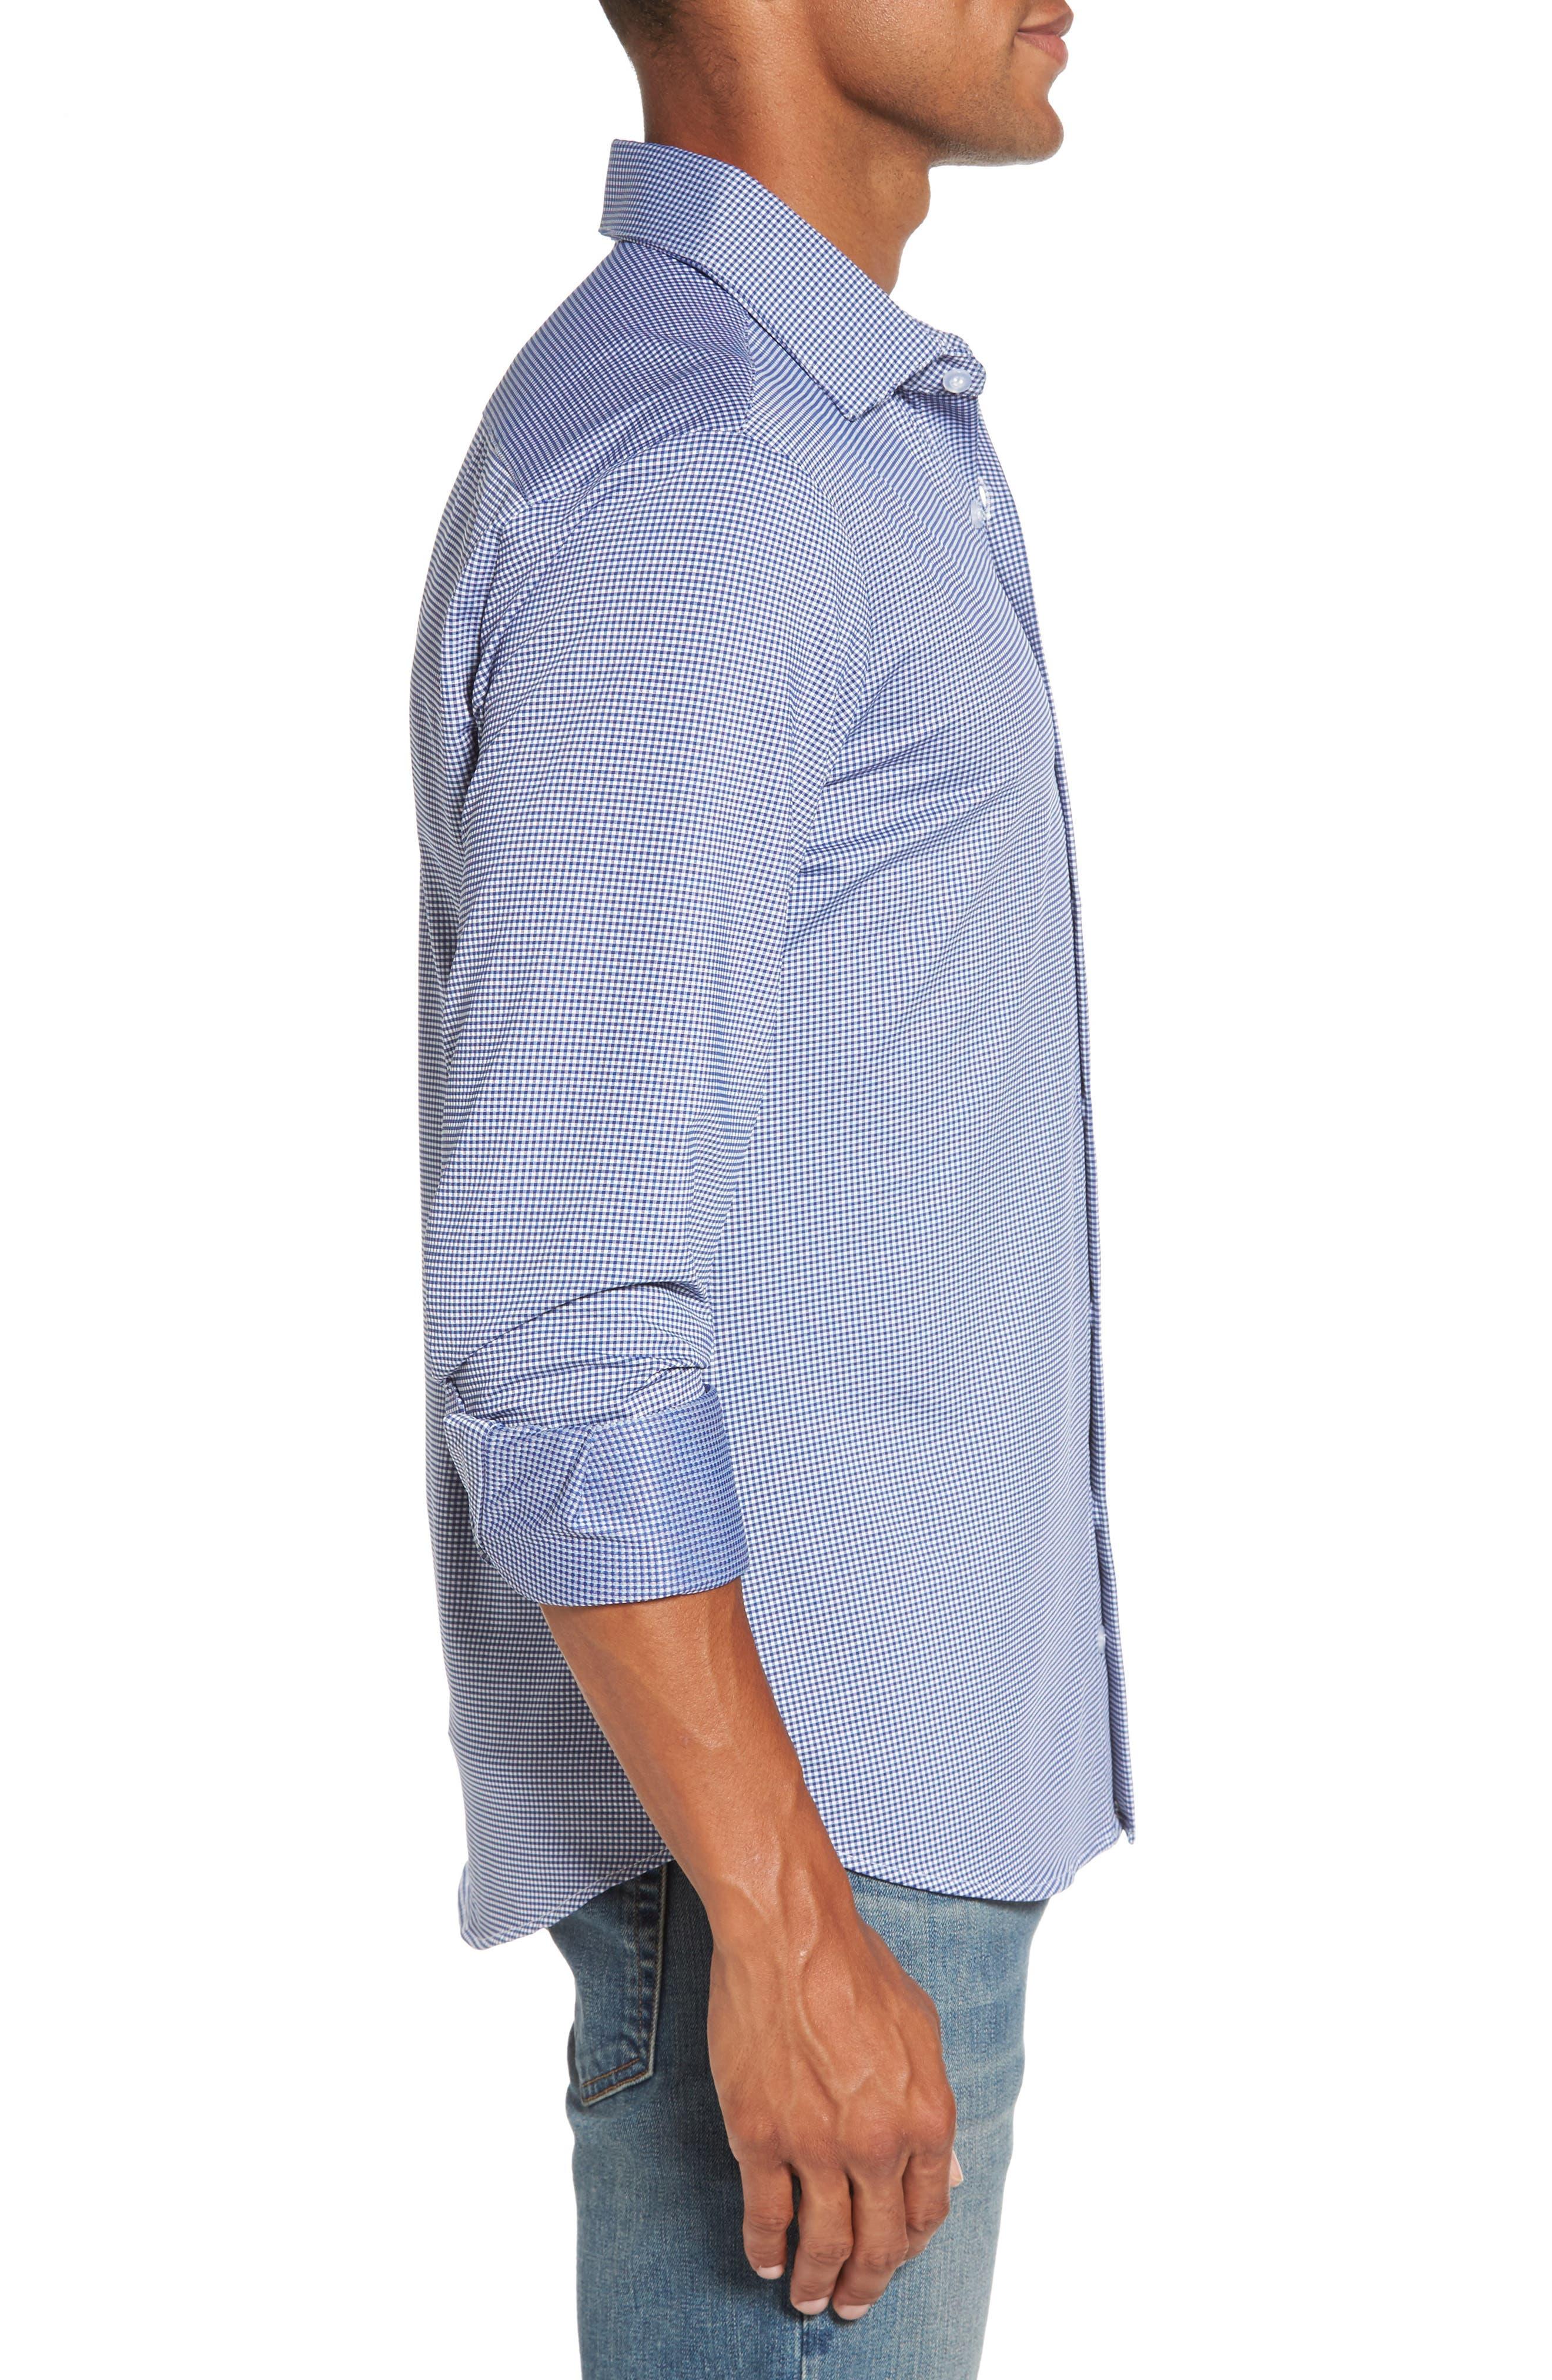 MIZZEN+MAIN, Beckett Trim Fit Gingham Sport Shirt, Alternate thumbnail 3, color, BLUE